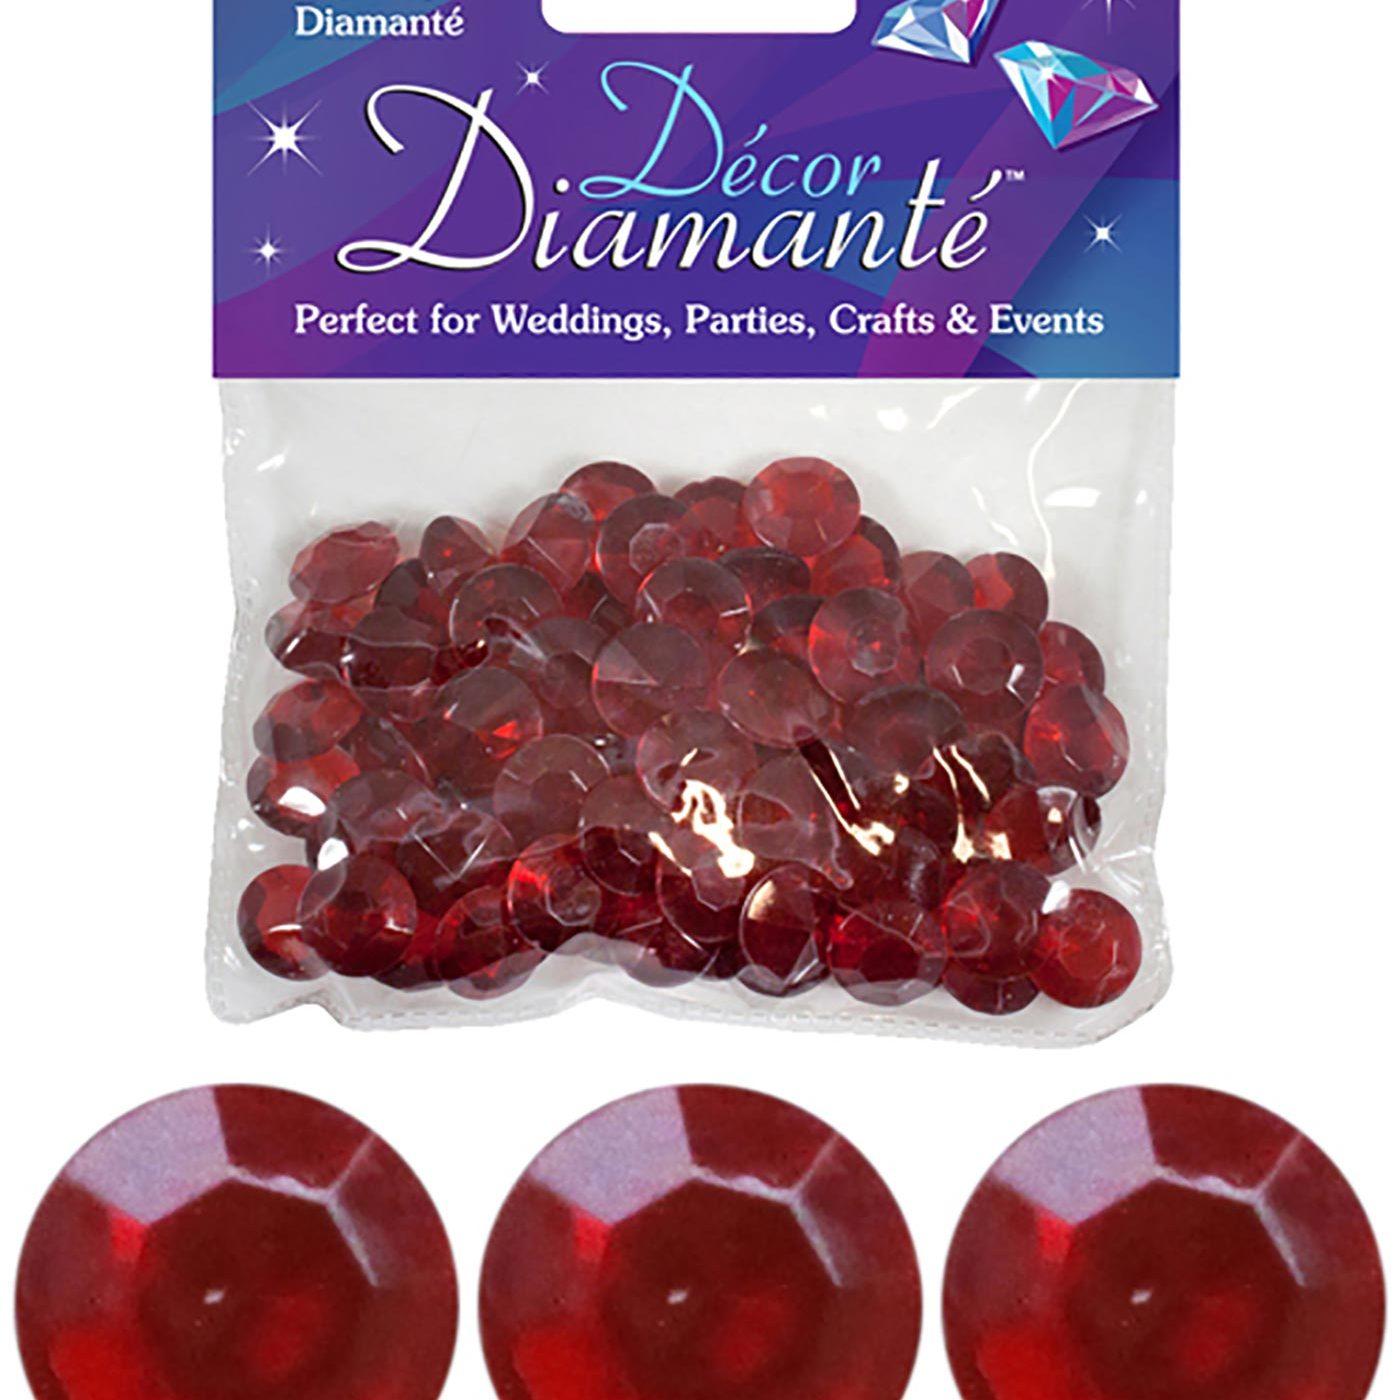 12mm Décor Diamante Diamonds 28g No.40 Ruby